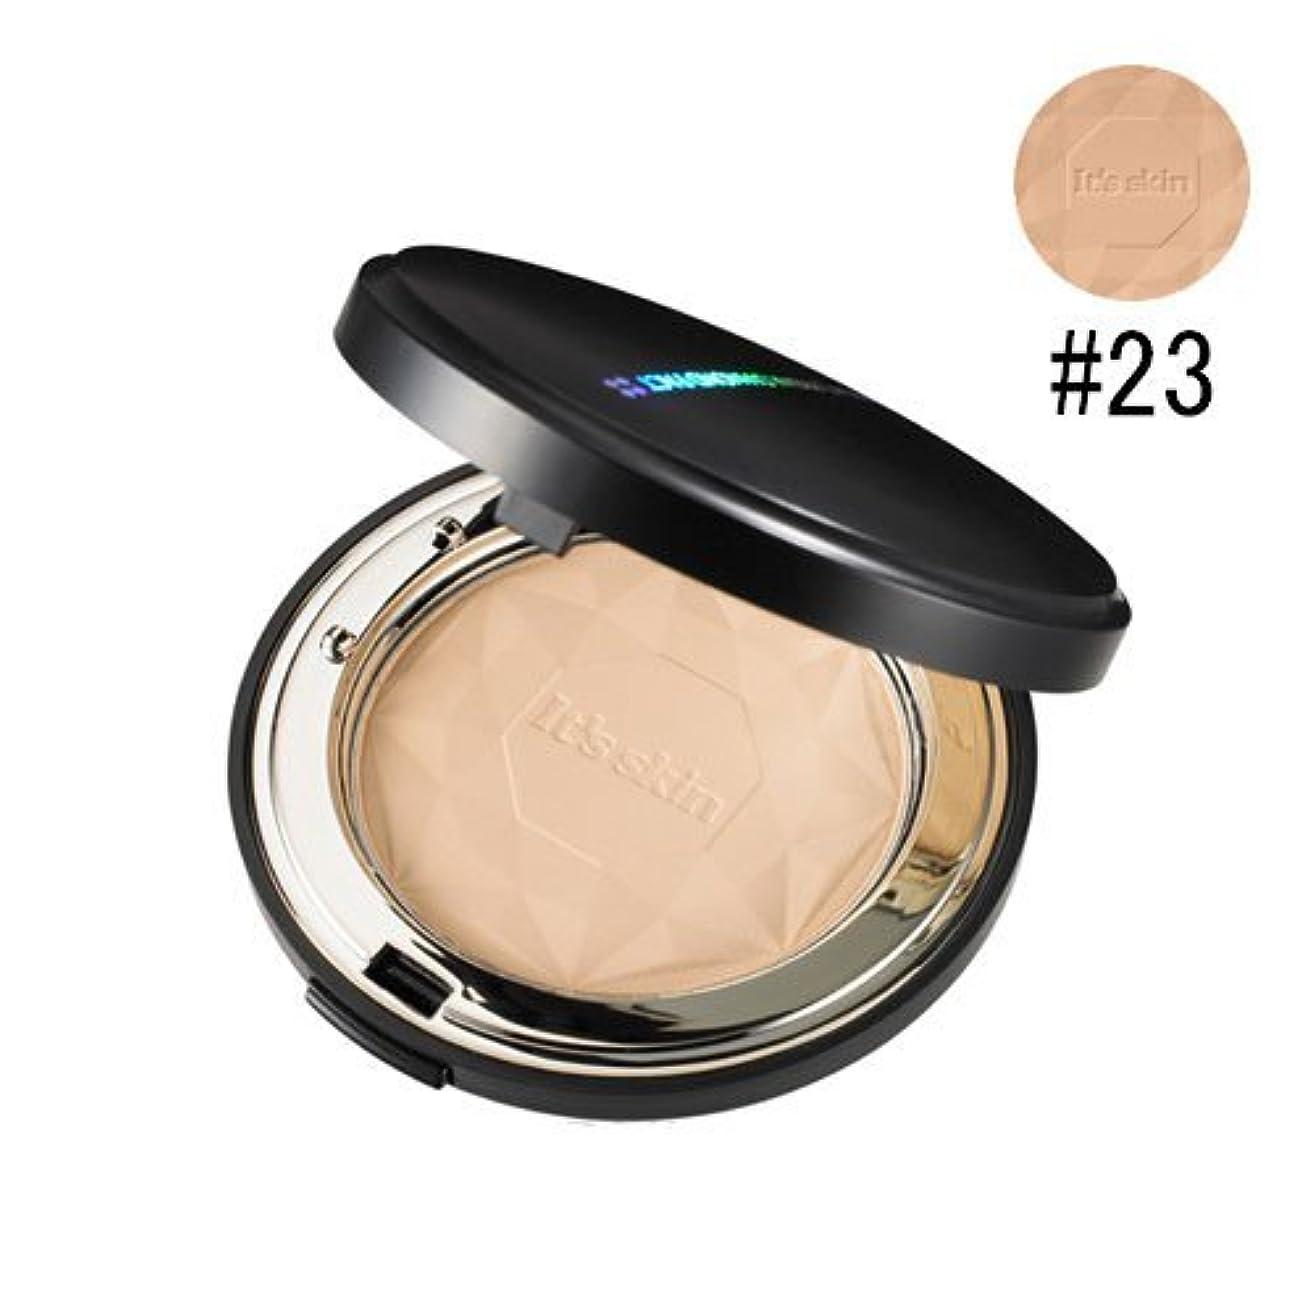 素人海峡収益It's skin イッツスキン プリズマ ダイアモンドパクト SPF25 PA++# 23号ナチュラルベージュ